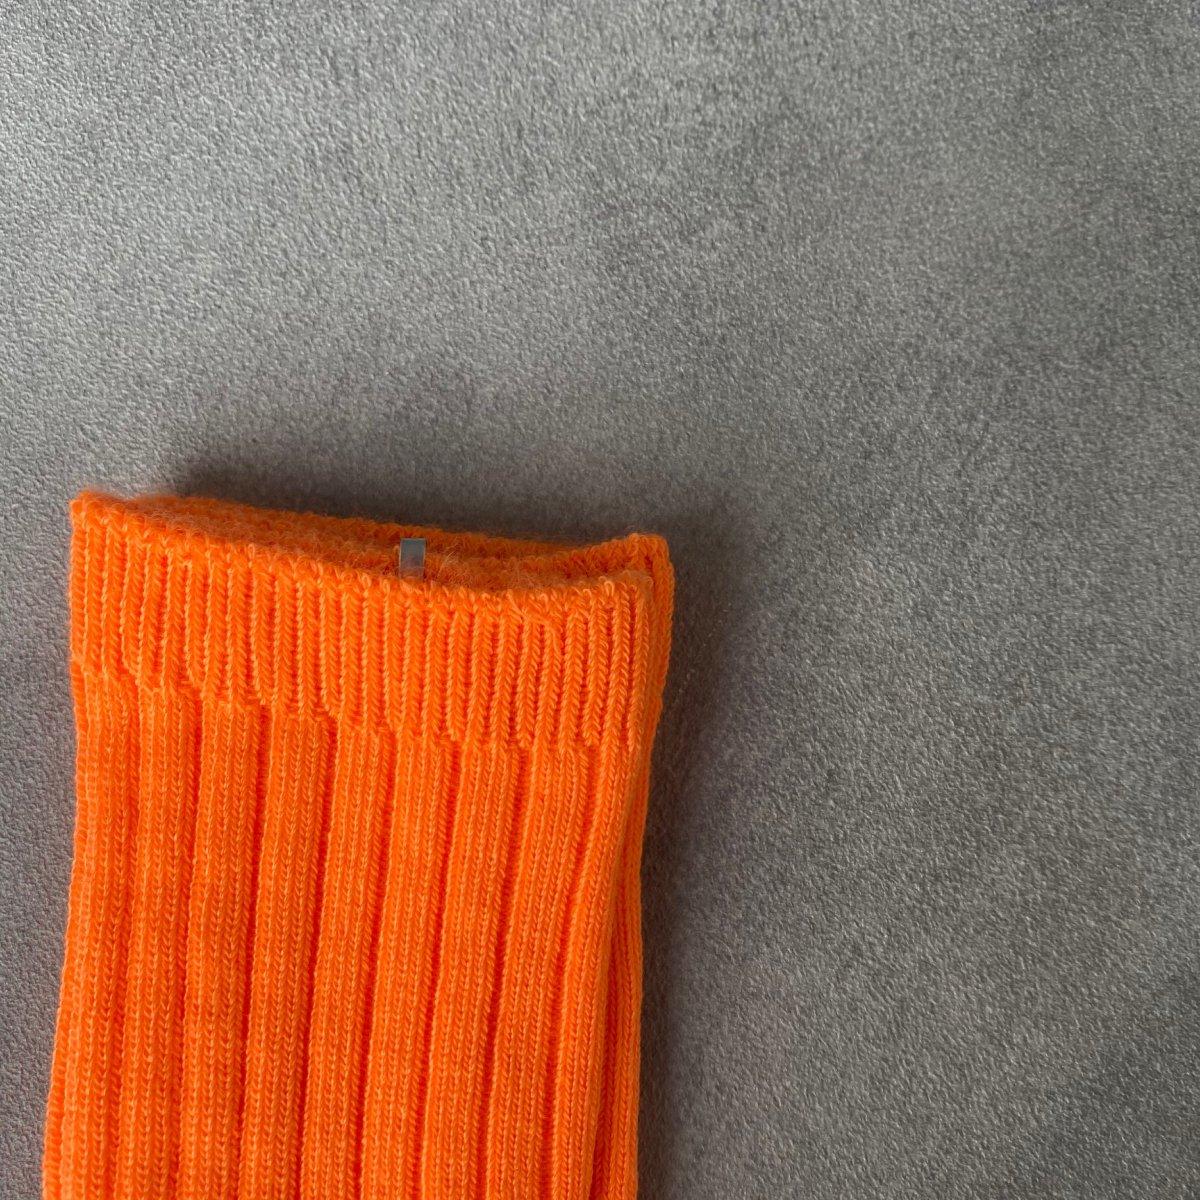 【KIDS】Neon Socks 詳細画像15